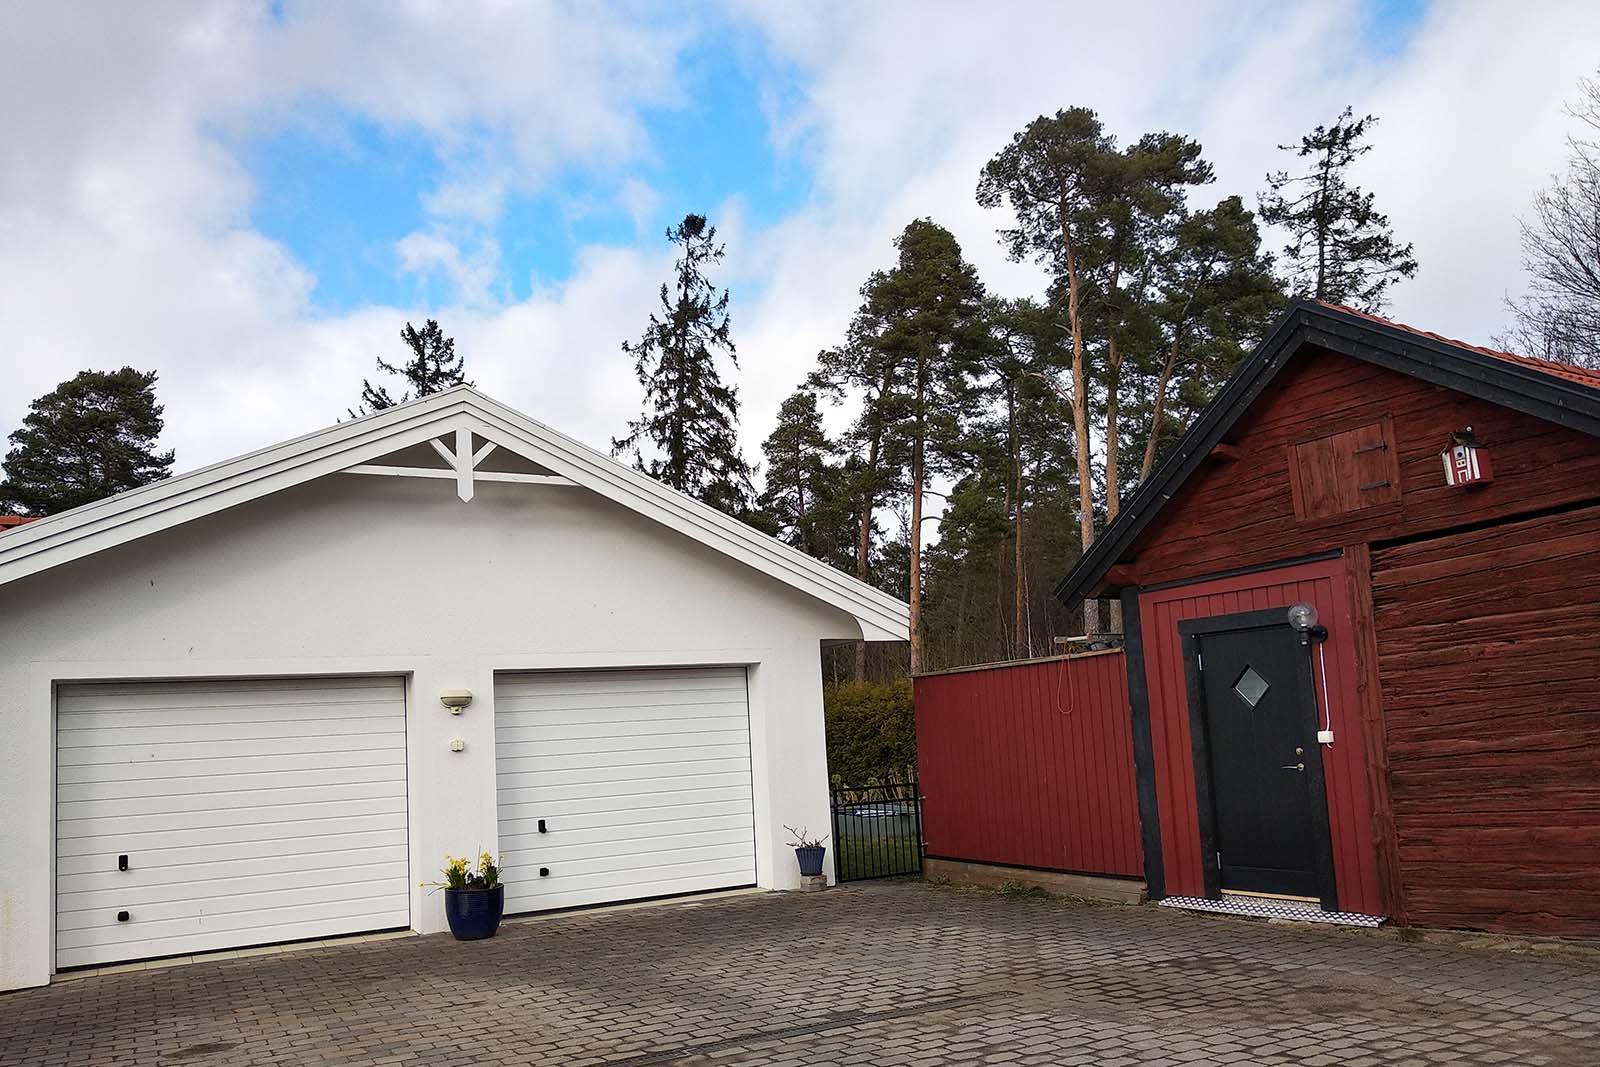 Våra snickare i Stockholm kan bygga olika typer av tillbyggnader, däribland garage. Kontakta oss för våra snickare i Stockholm.